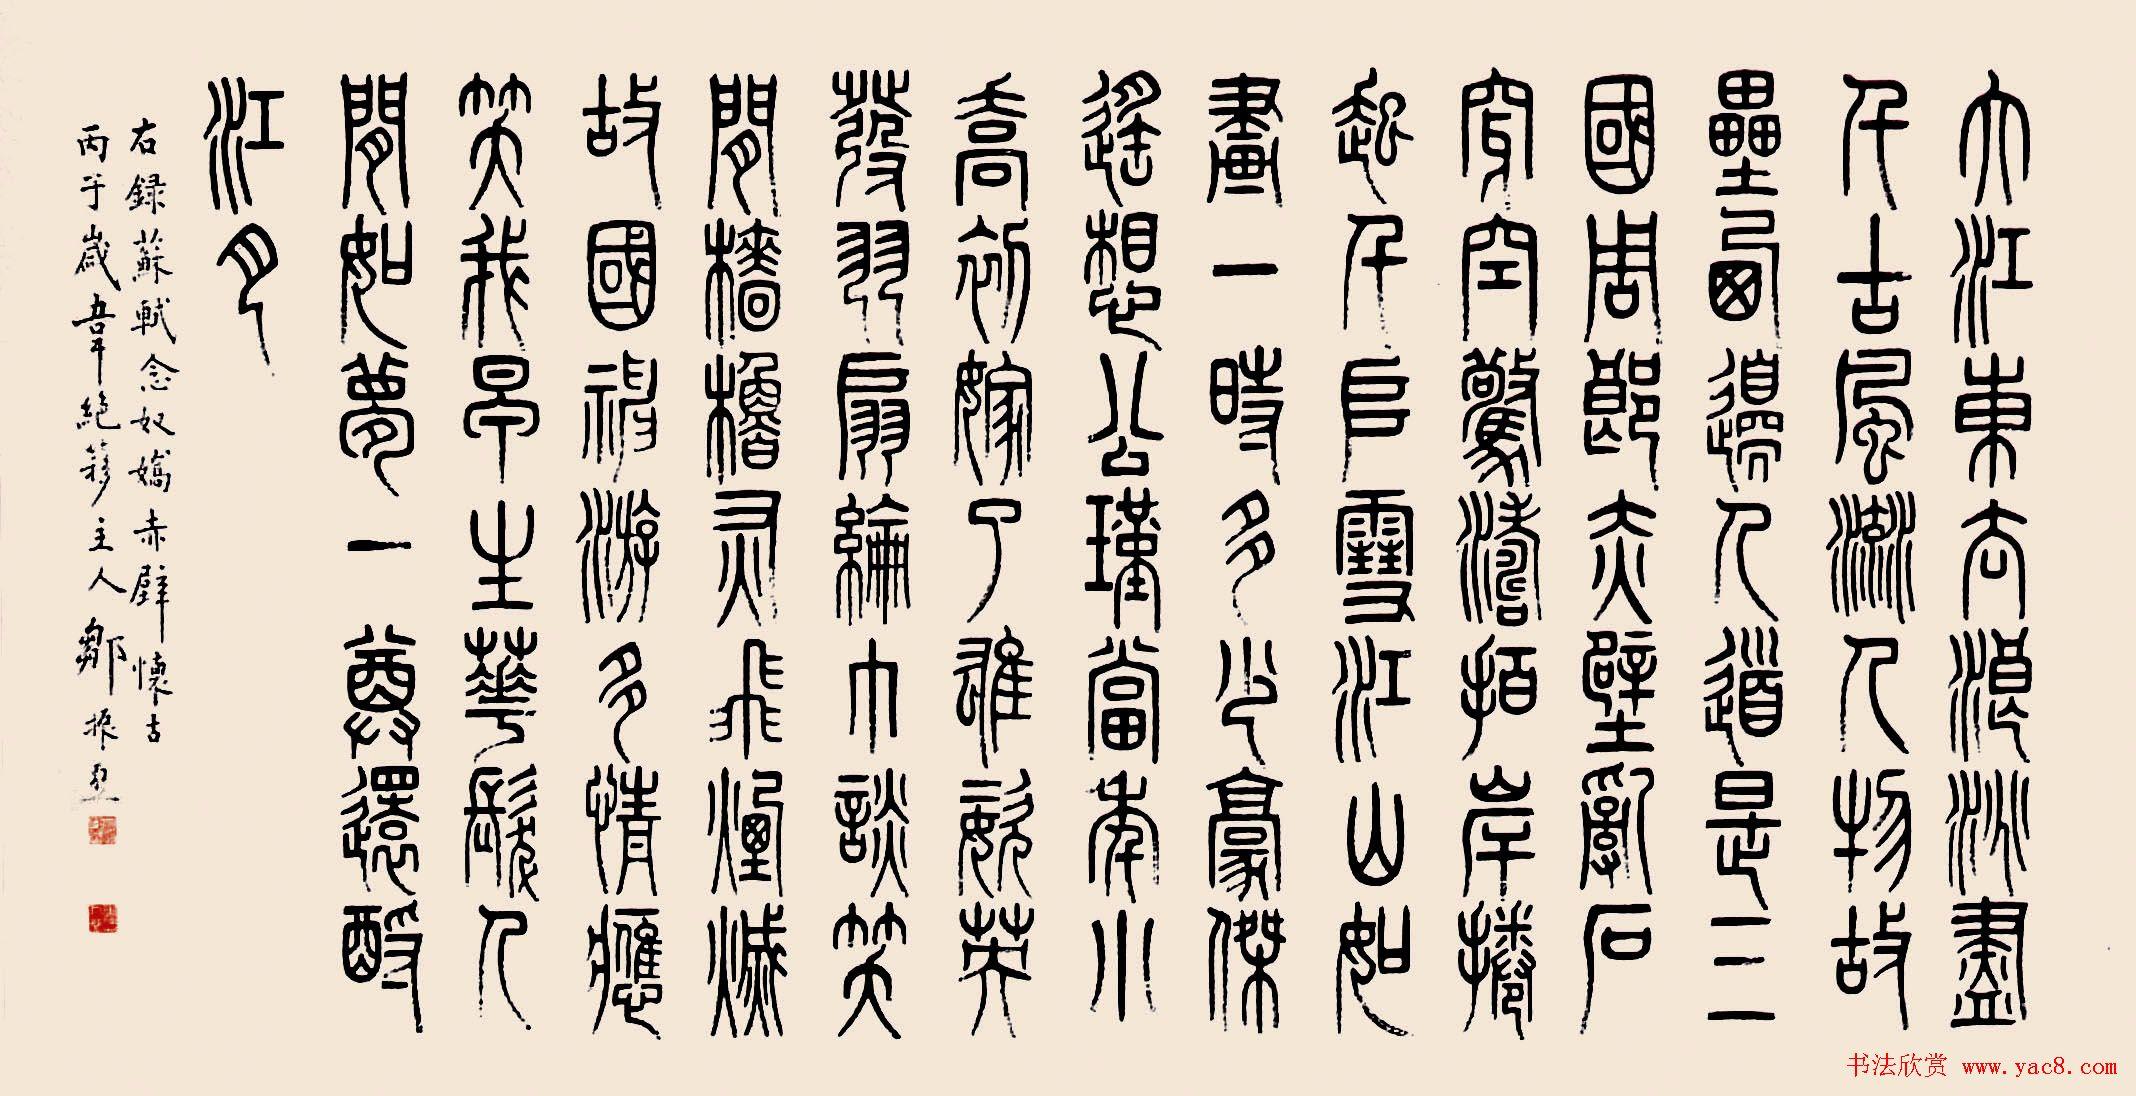 邹振亚篆书书法作品欣赏 第2页 毛笔书法 书法欣赏